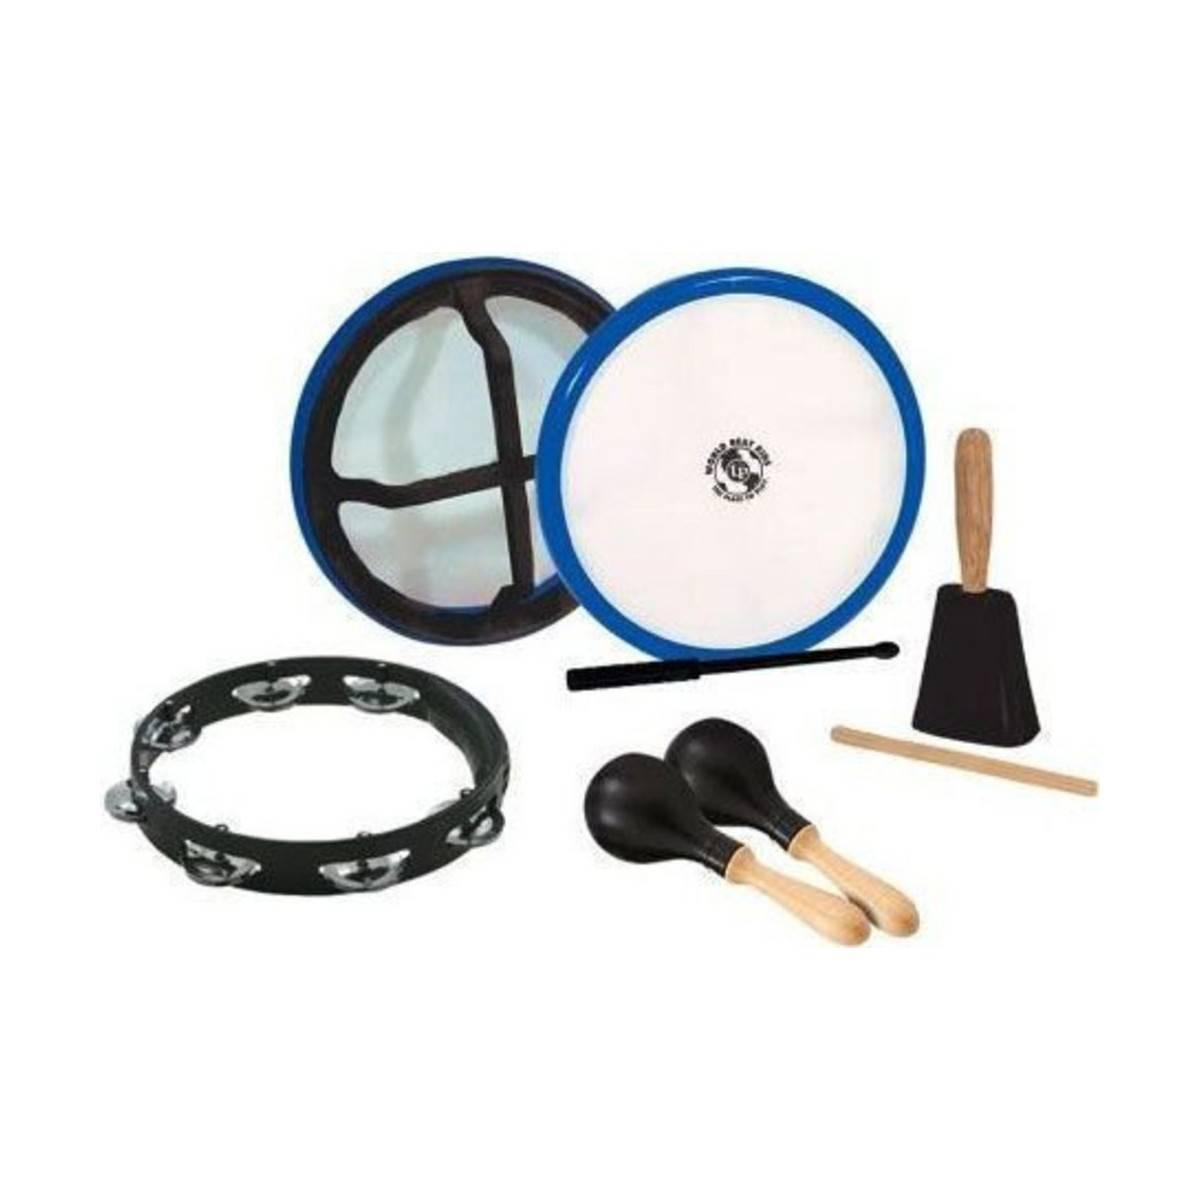 Set de Percussions - 4 Instruments - LP Percussion